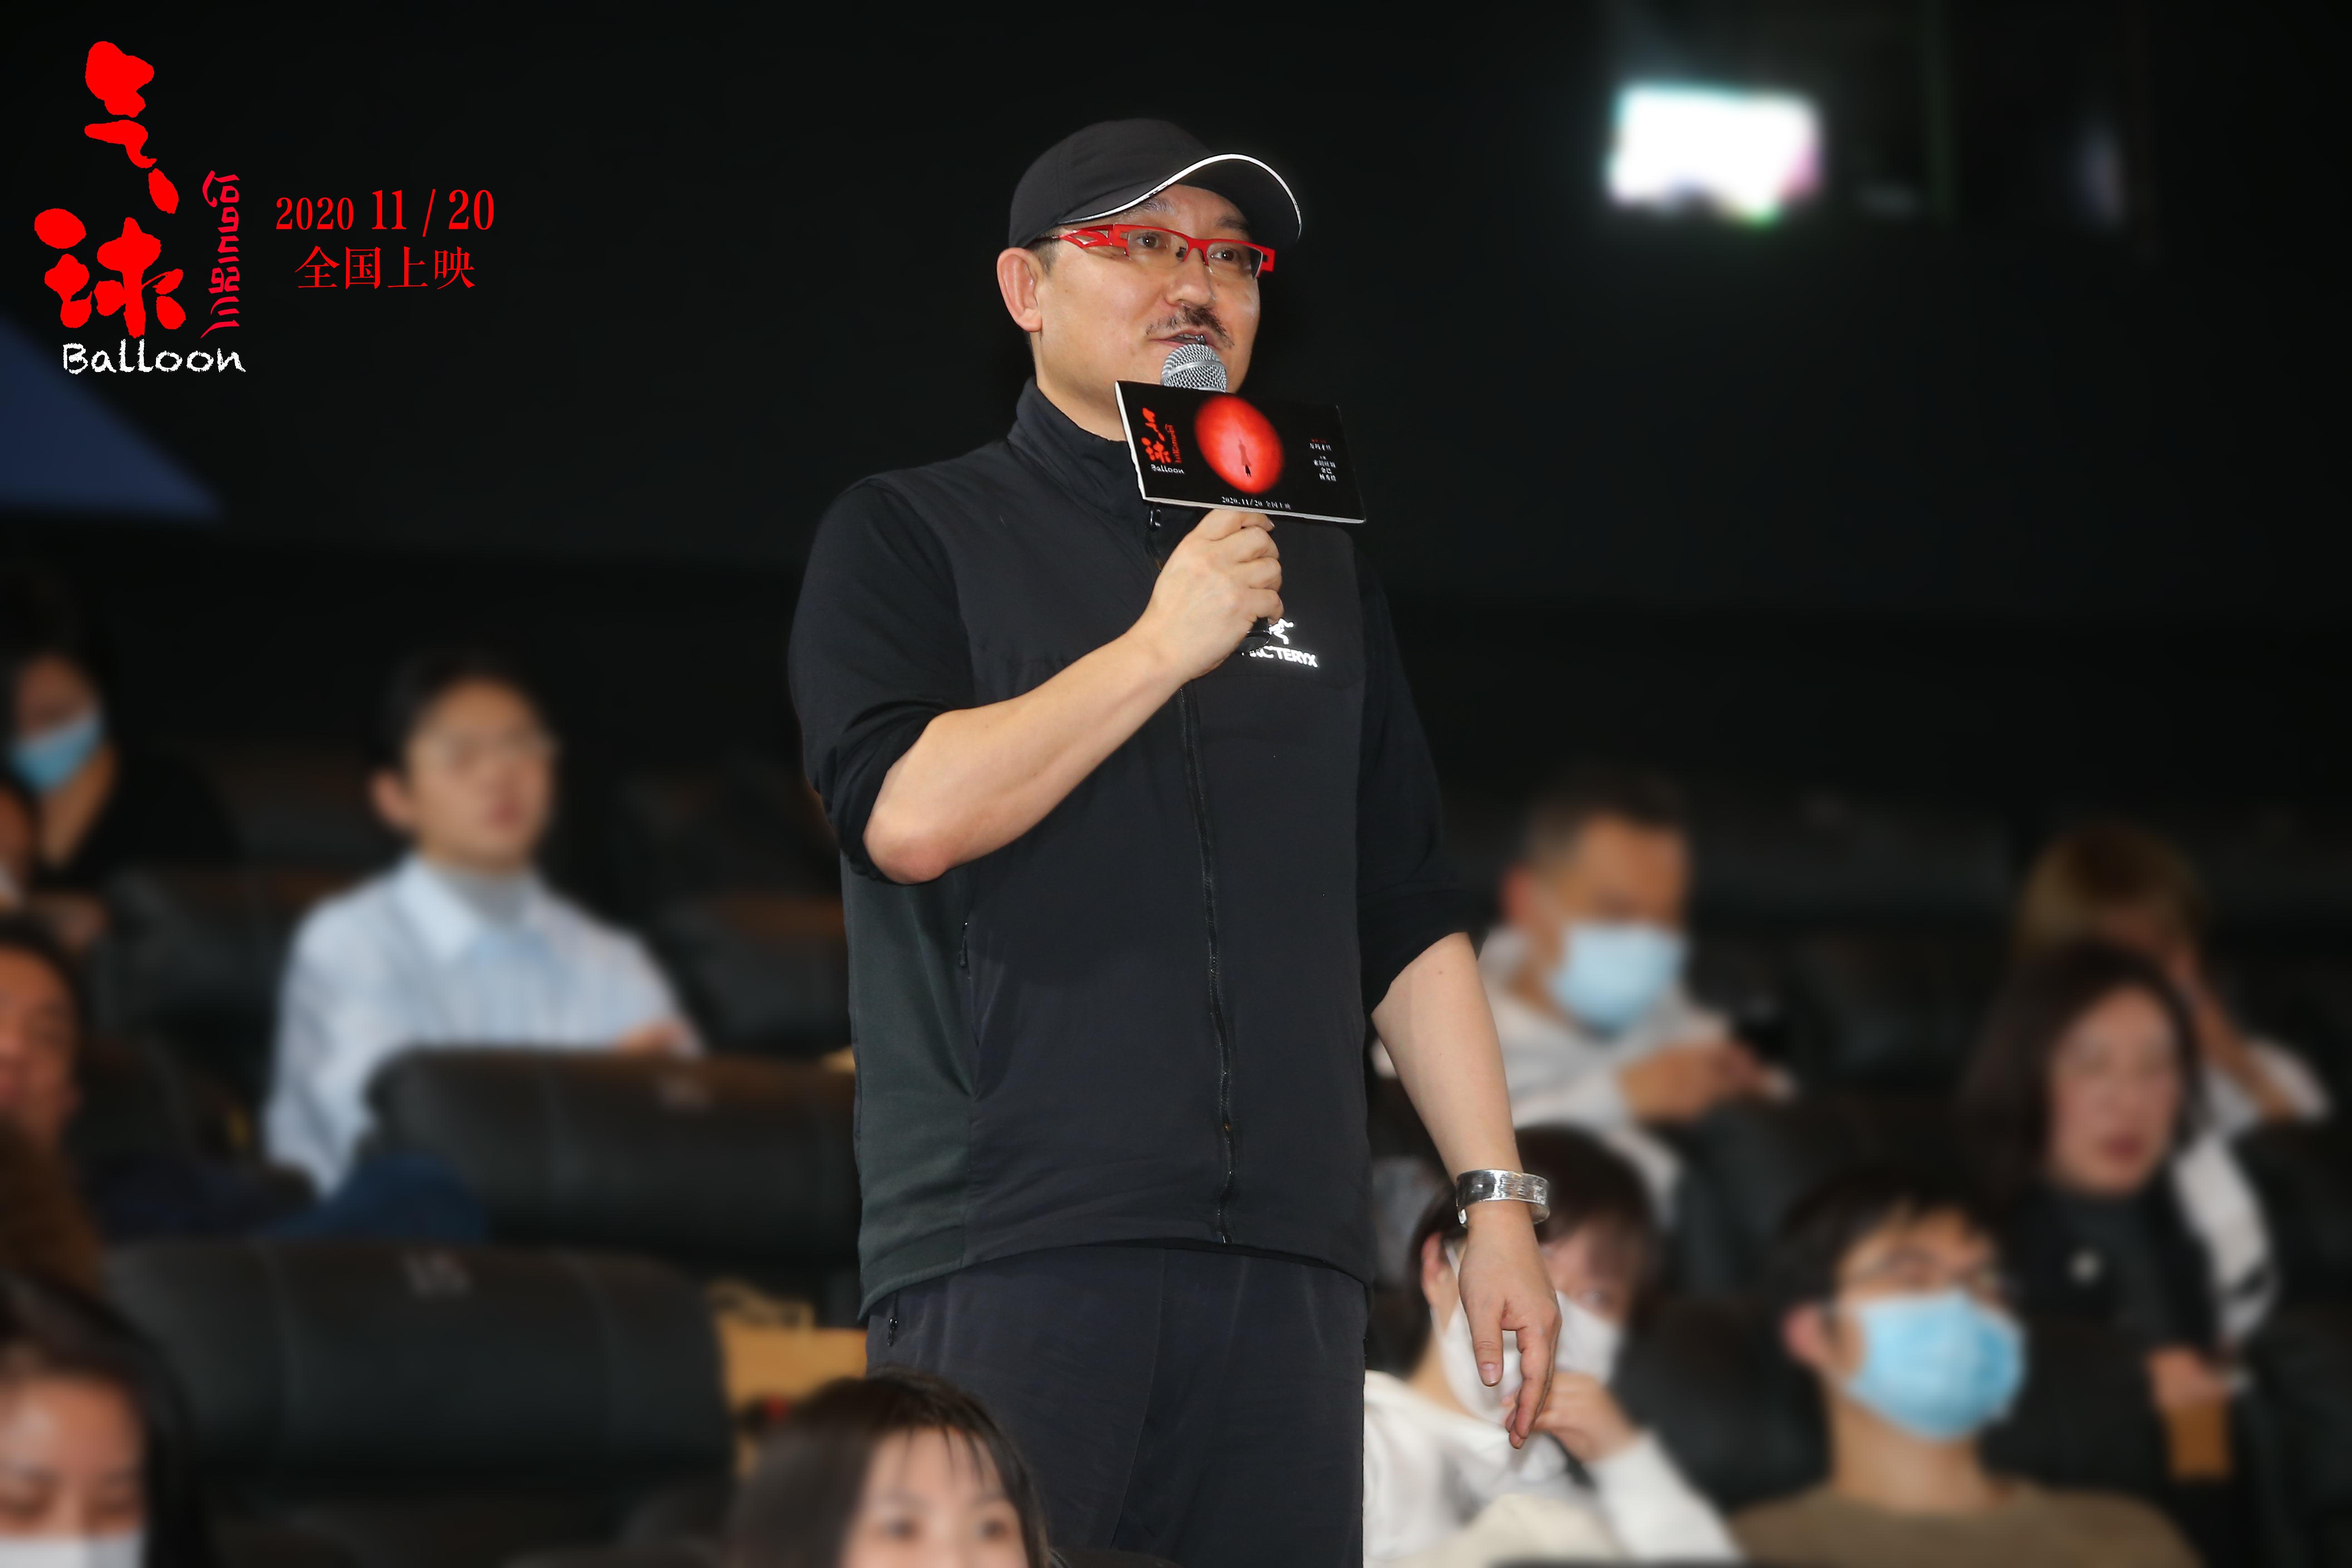 万玛才旦《气球》北京首映 乌尔善祖峰组团送祝福 第5张